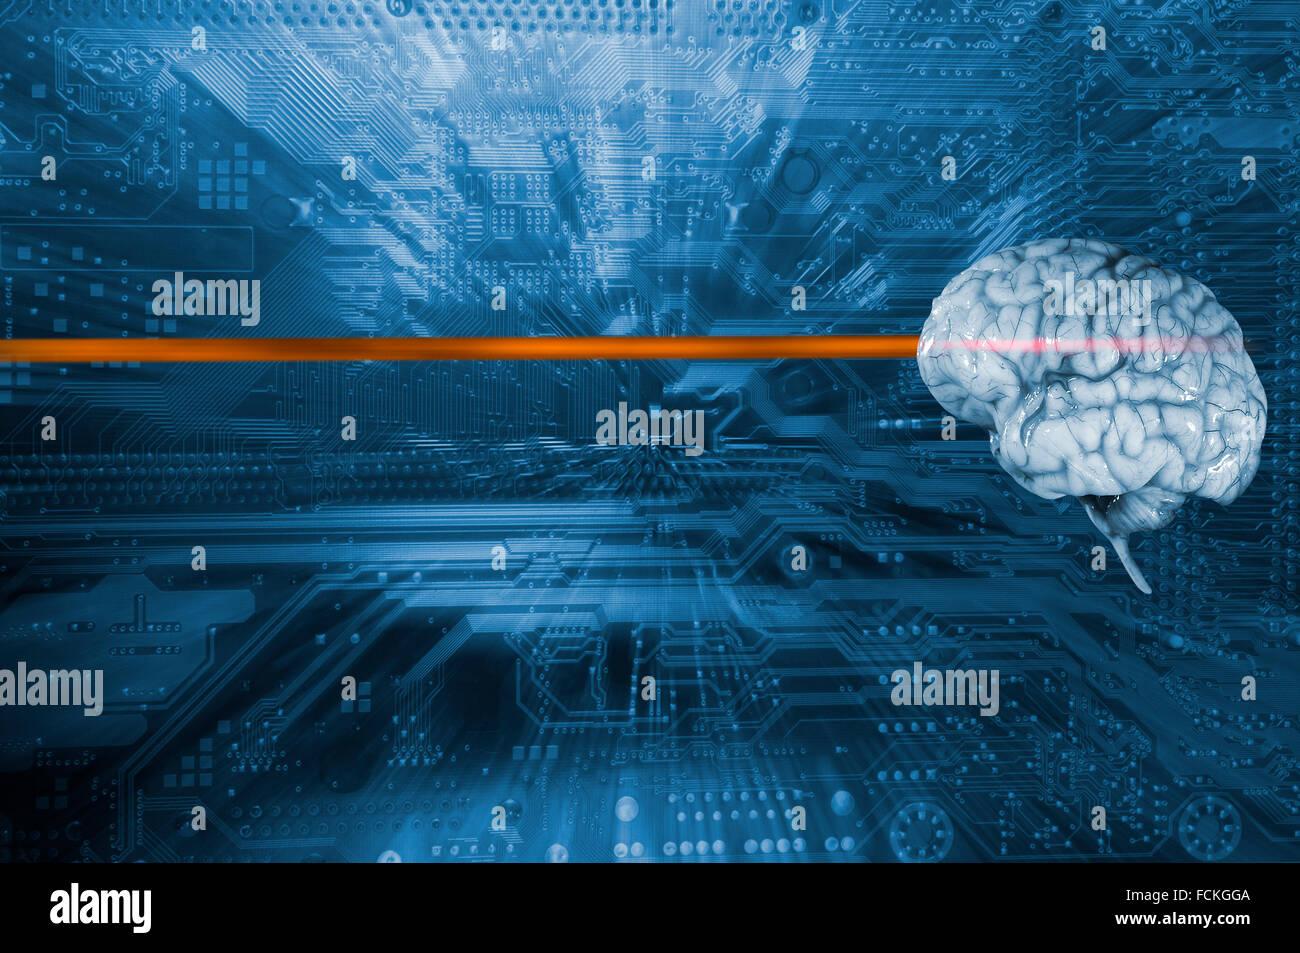 El cerebro humano y el ordenador, la inteligencia artificial circuitboard Imagen De Stock